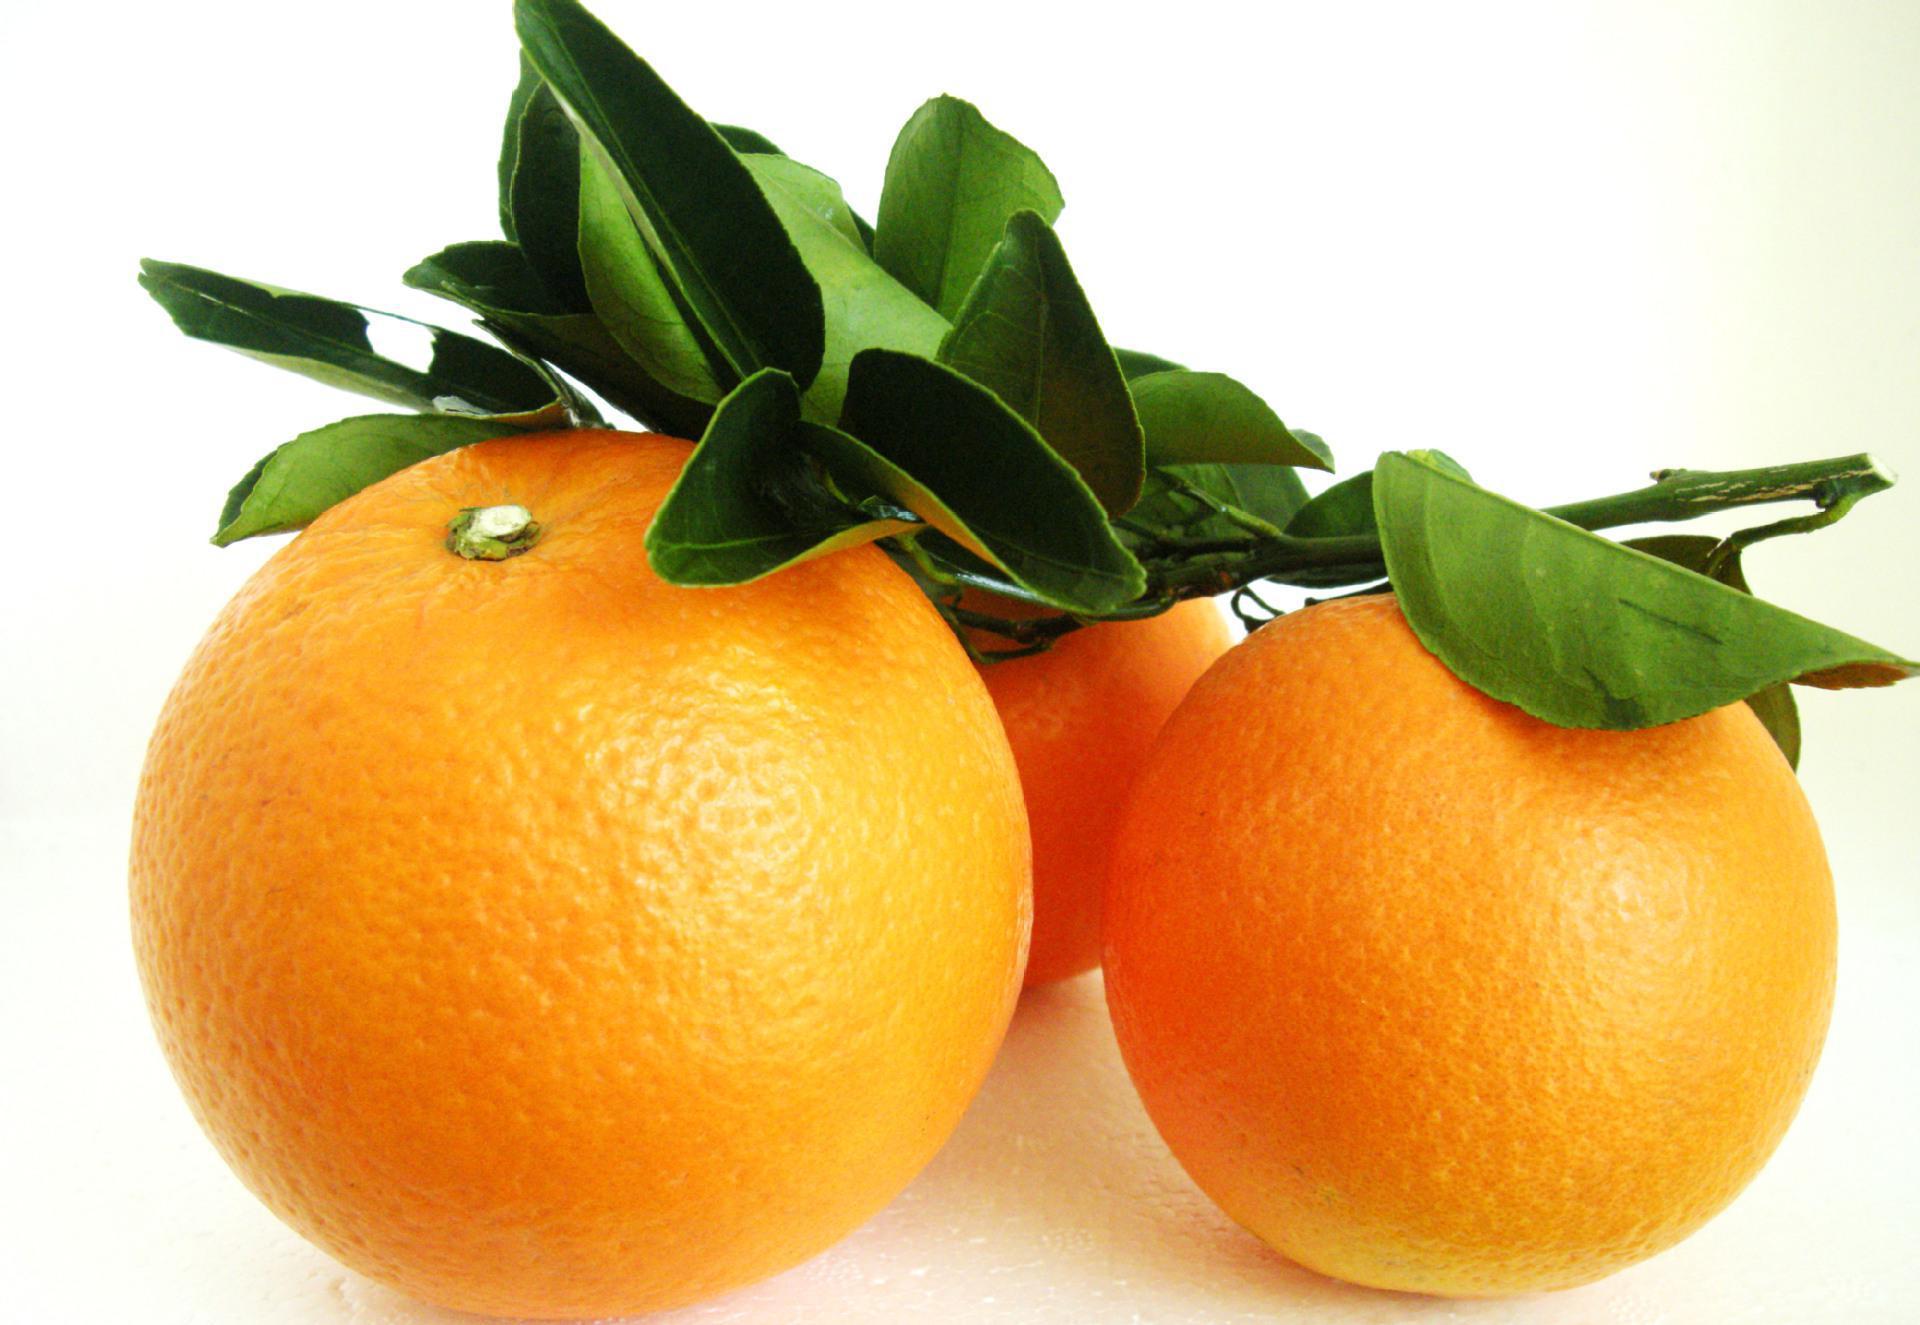 浓郁香甜的纽荷尔脐橙是脐橙中的上上品